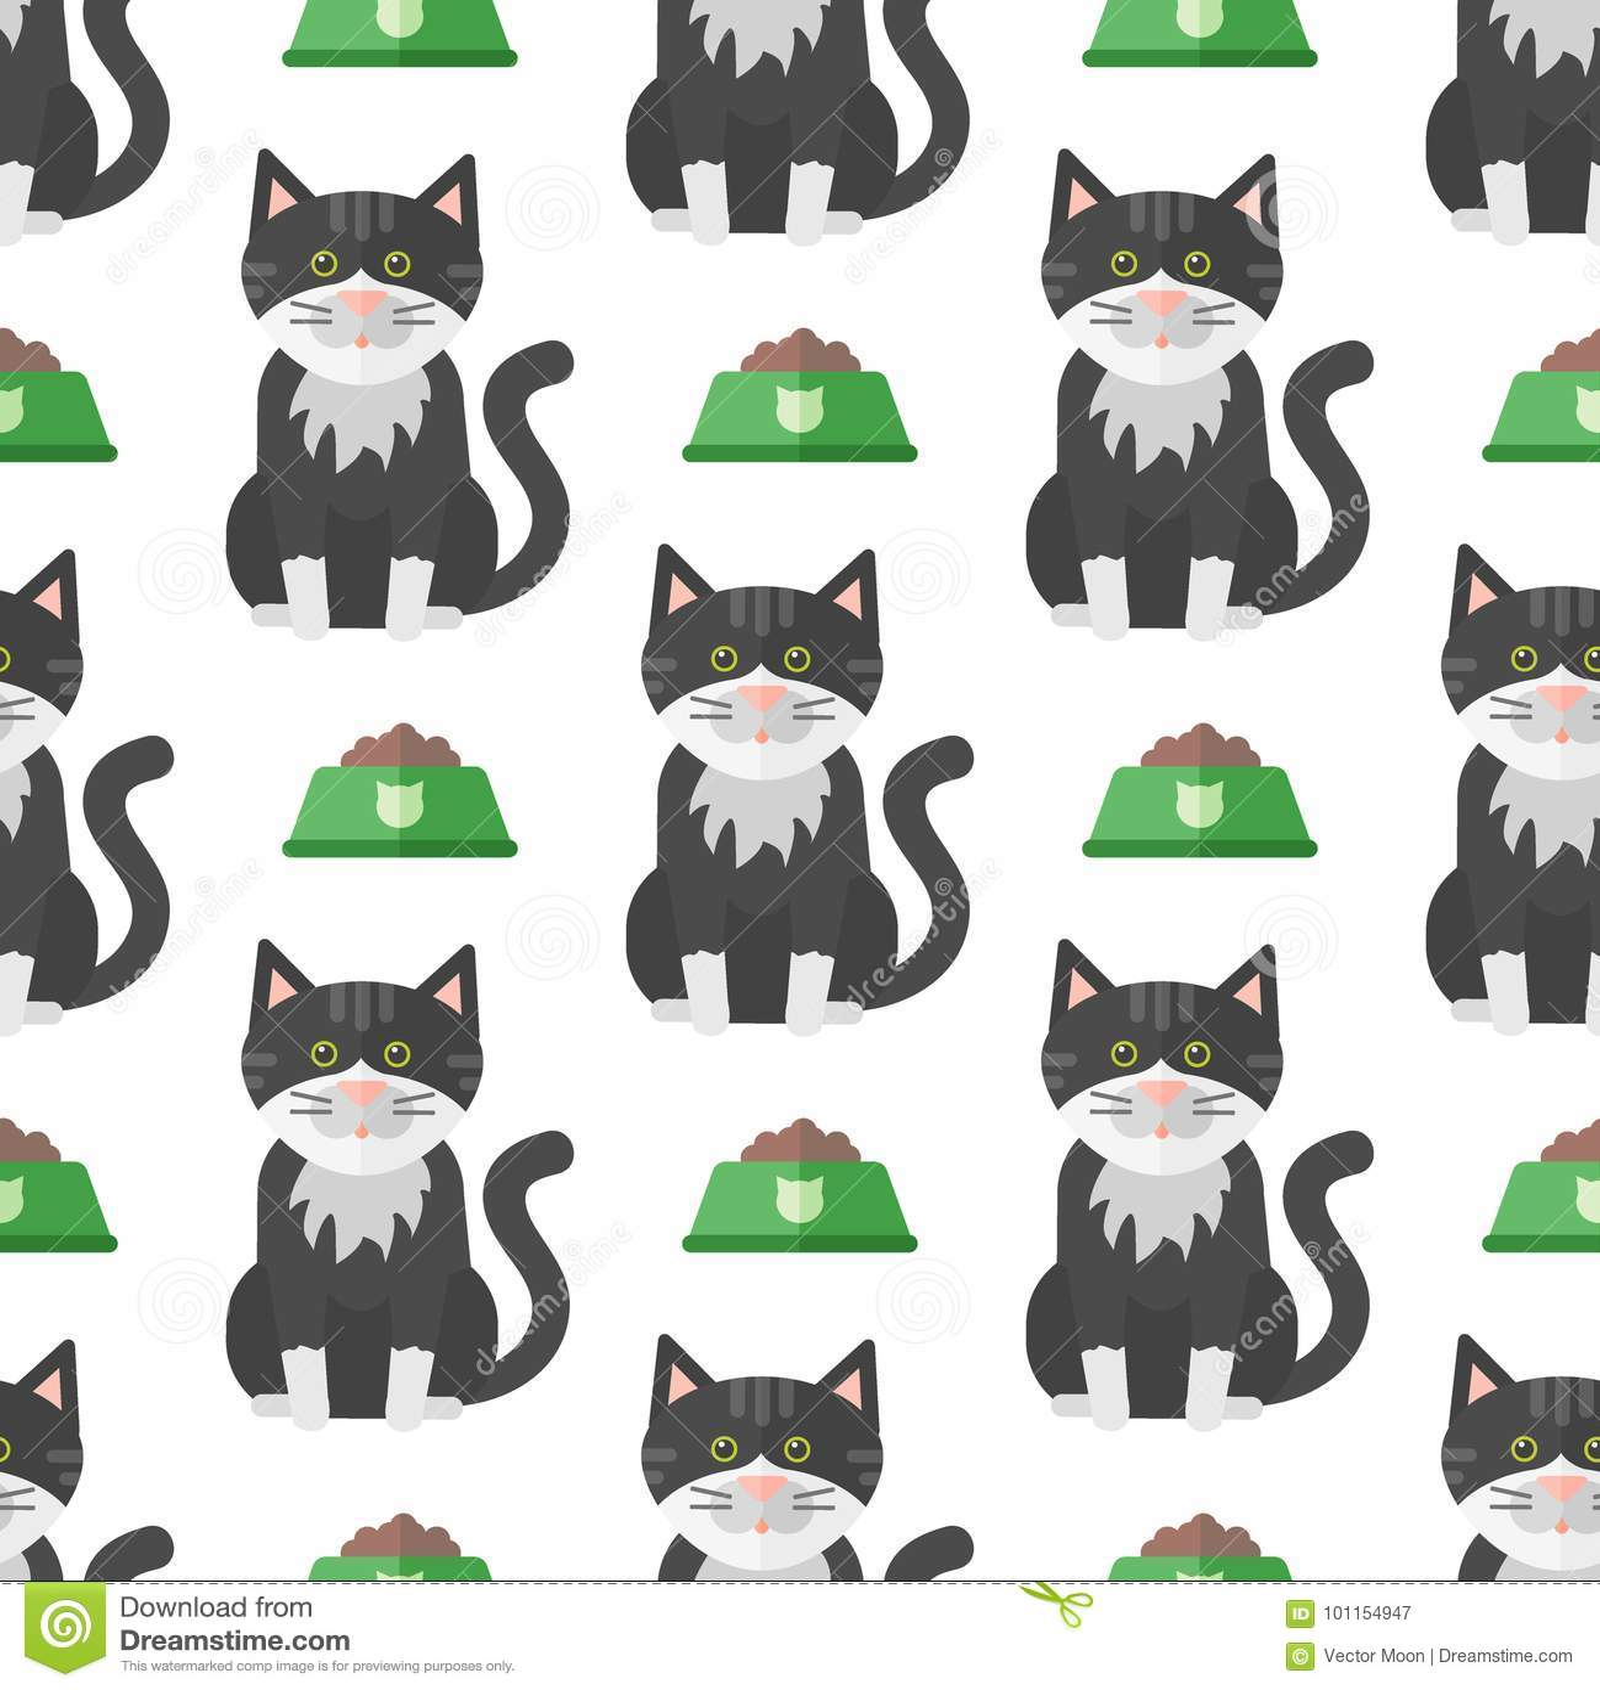 Van het de achtergrond illustratie leuk dierlijk grappig naadloos patroon van kattenhoofden vectorkarakters katachtig binnenlands